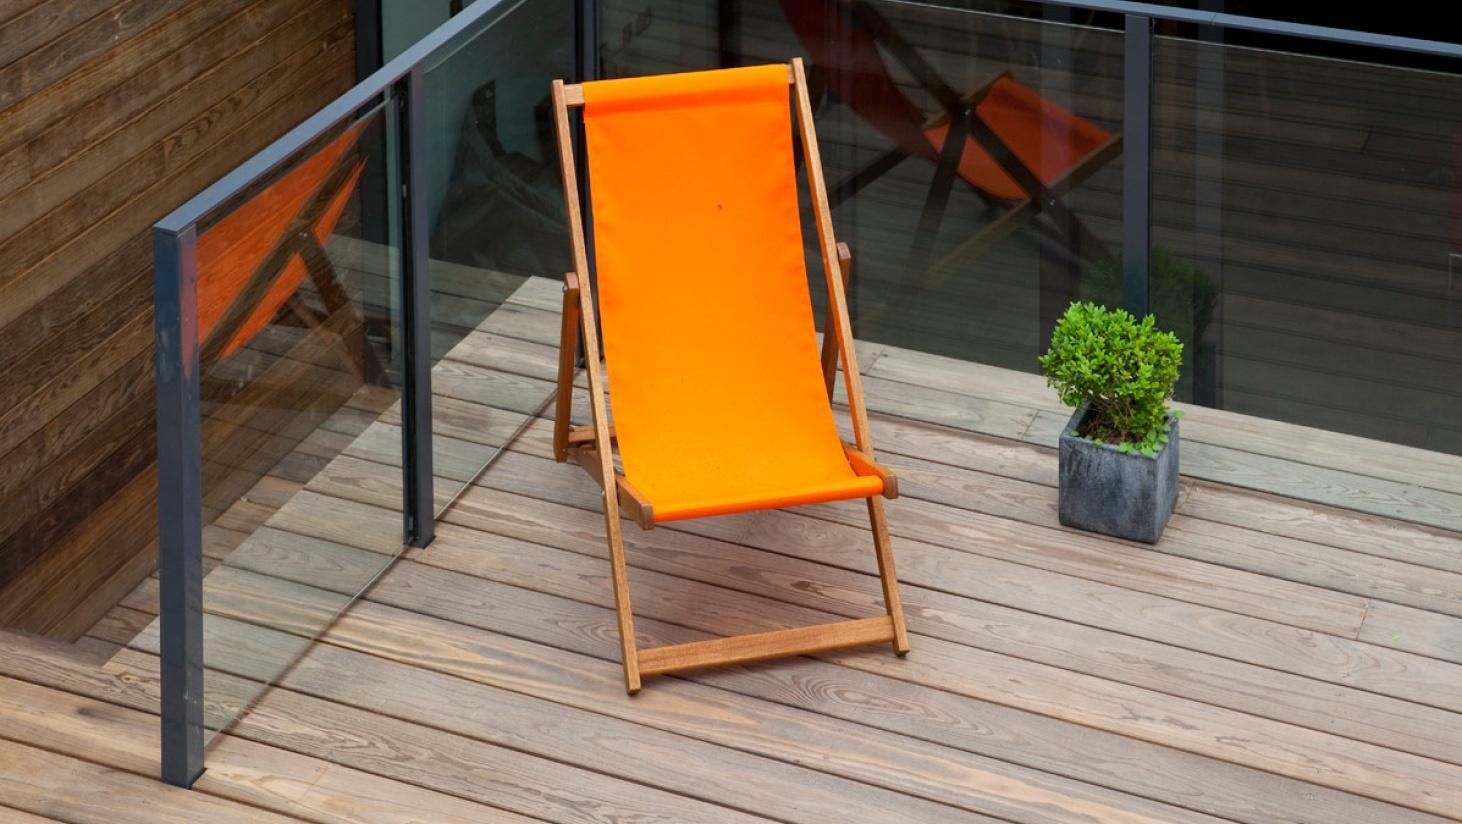 Orange er en varm farve, der giver op tagterrassen et løft